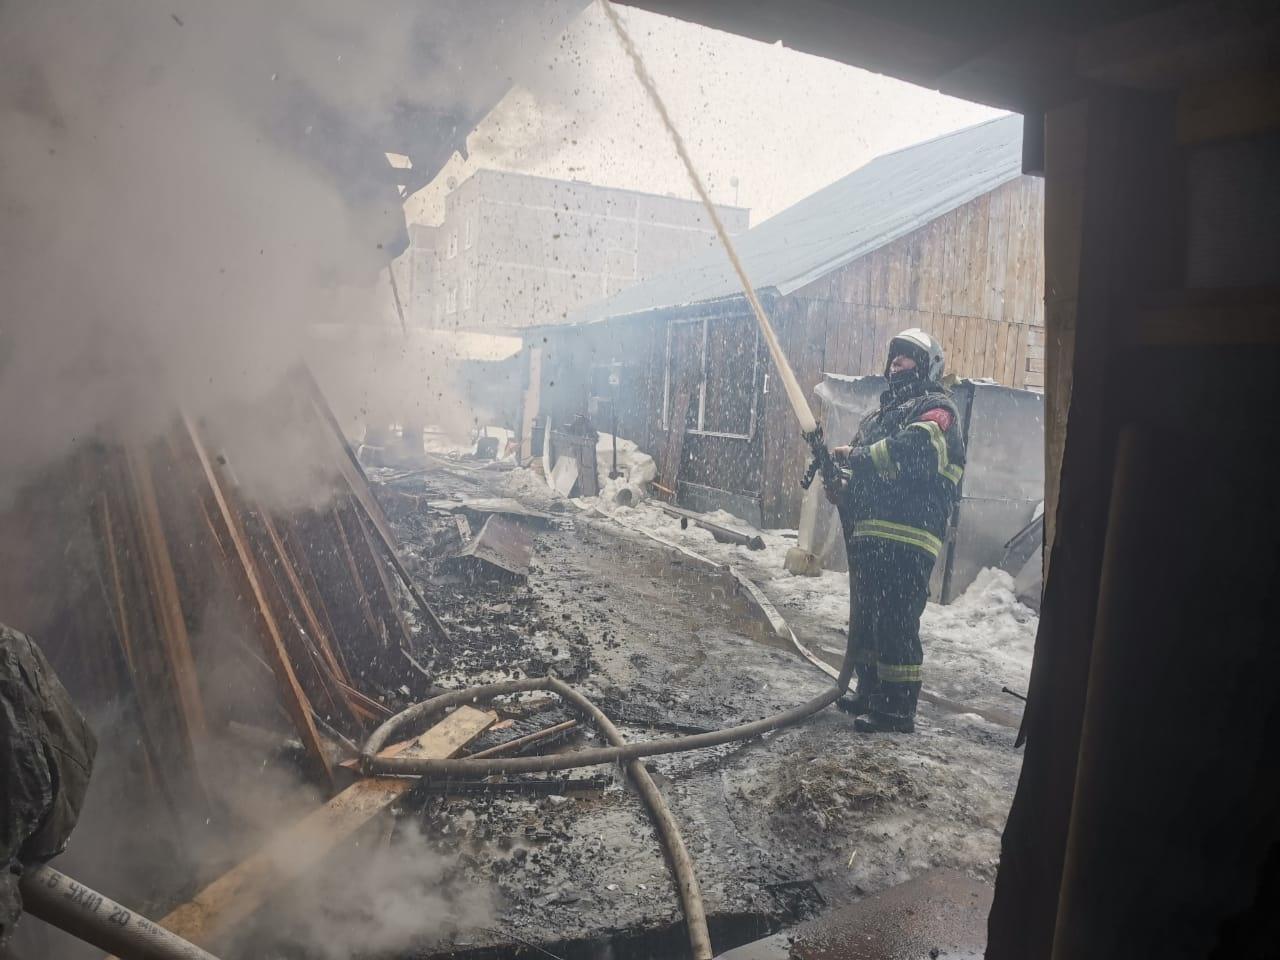 Пожар в хозяйственной постройке в городском округе Кашира